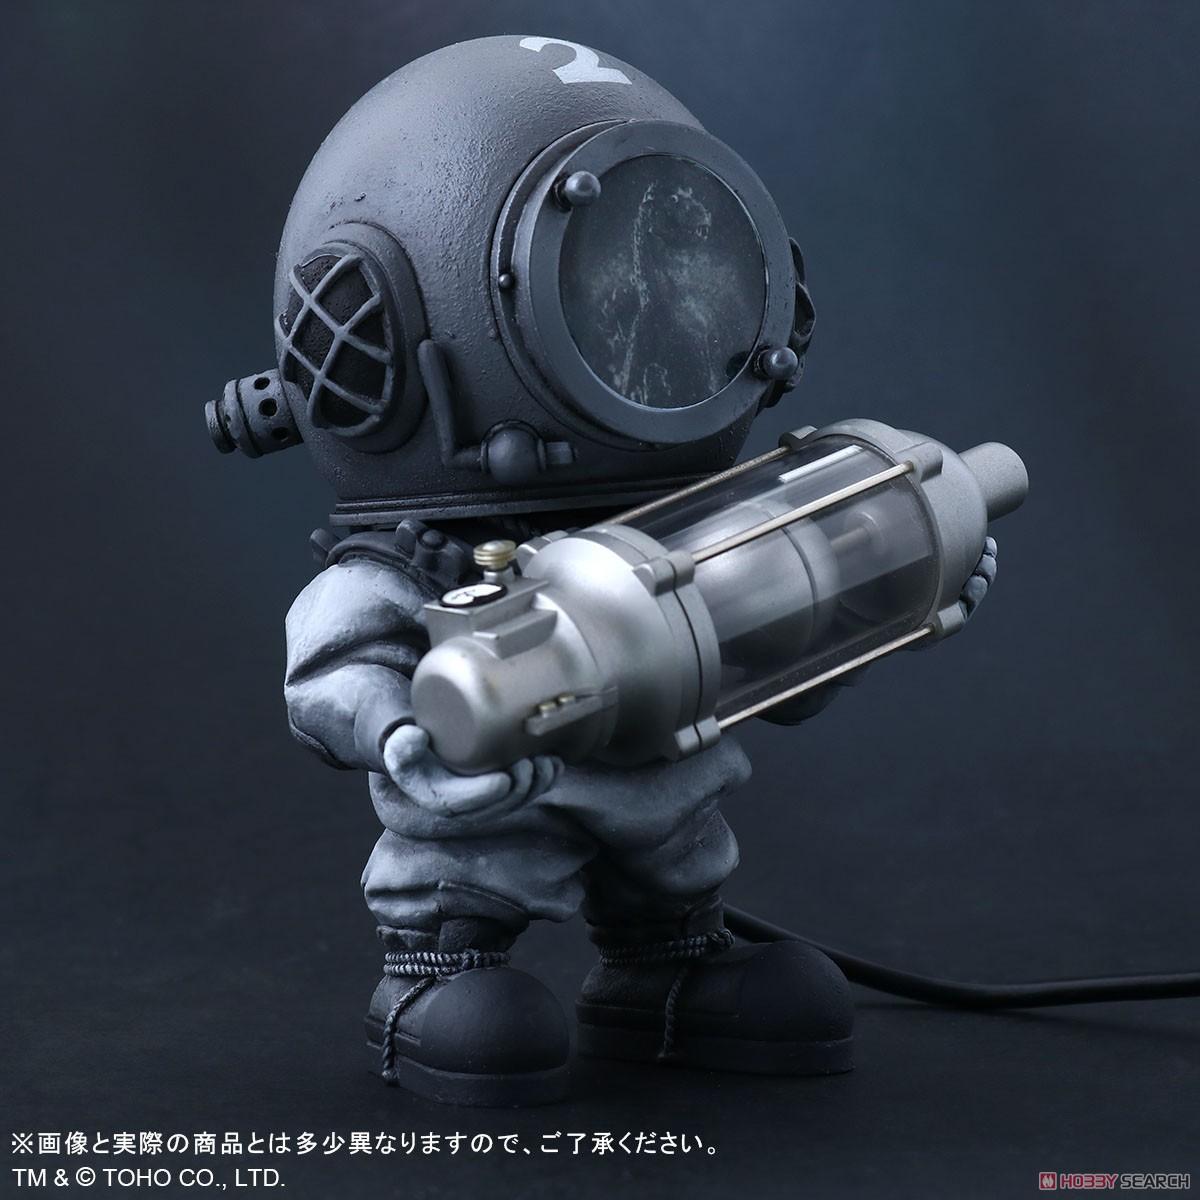 デフォリアル『芹沢博士 モノクロVer.』ゴジラ デフォルメ完成品フィギュア-002